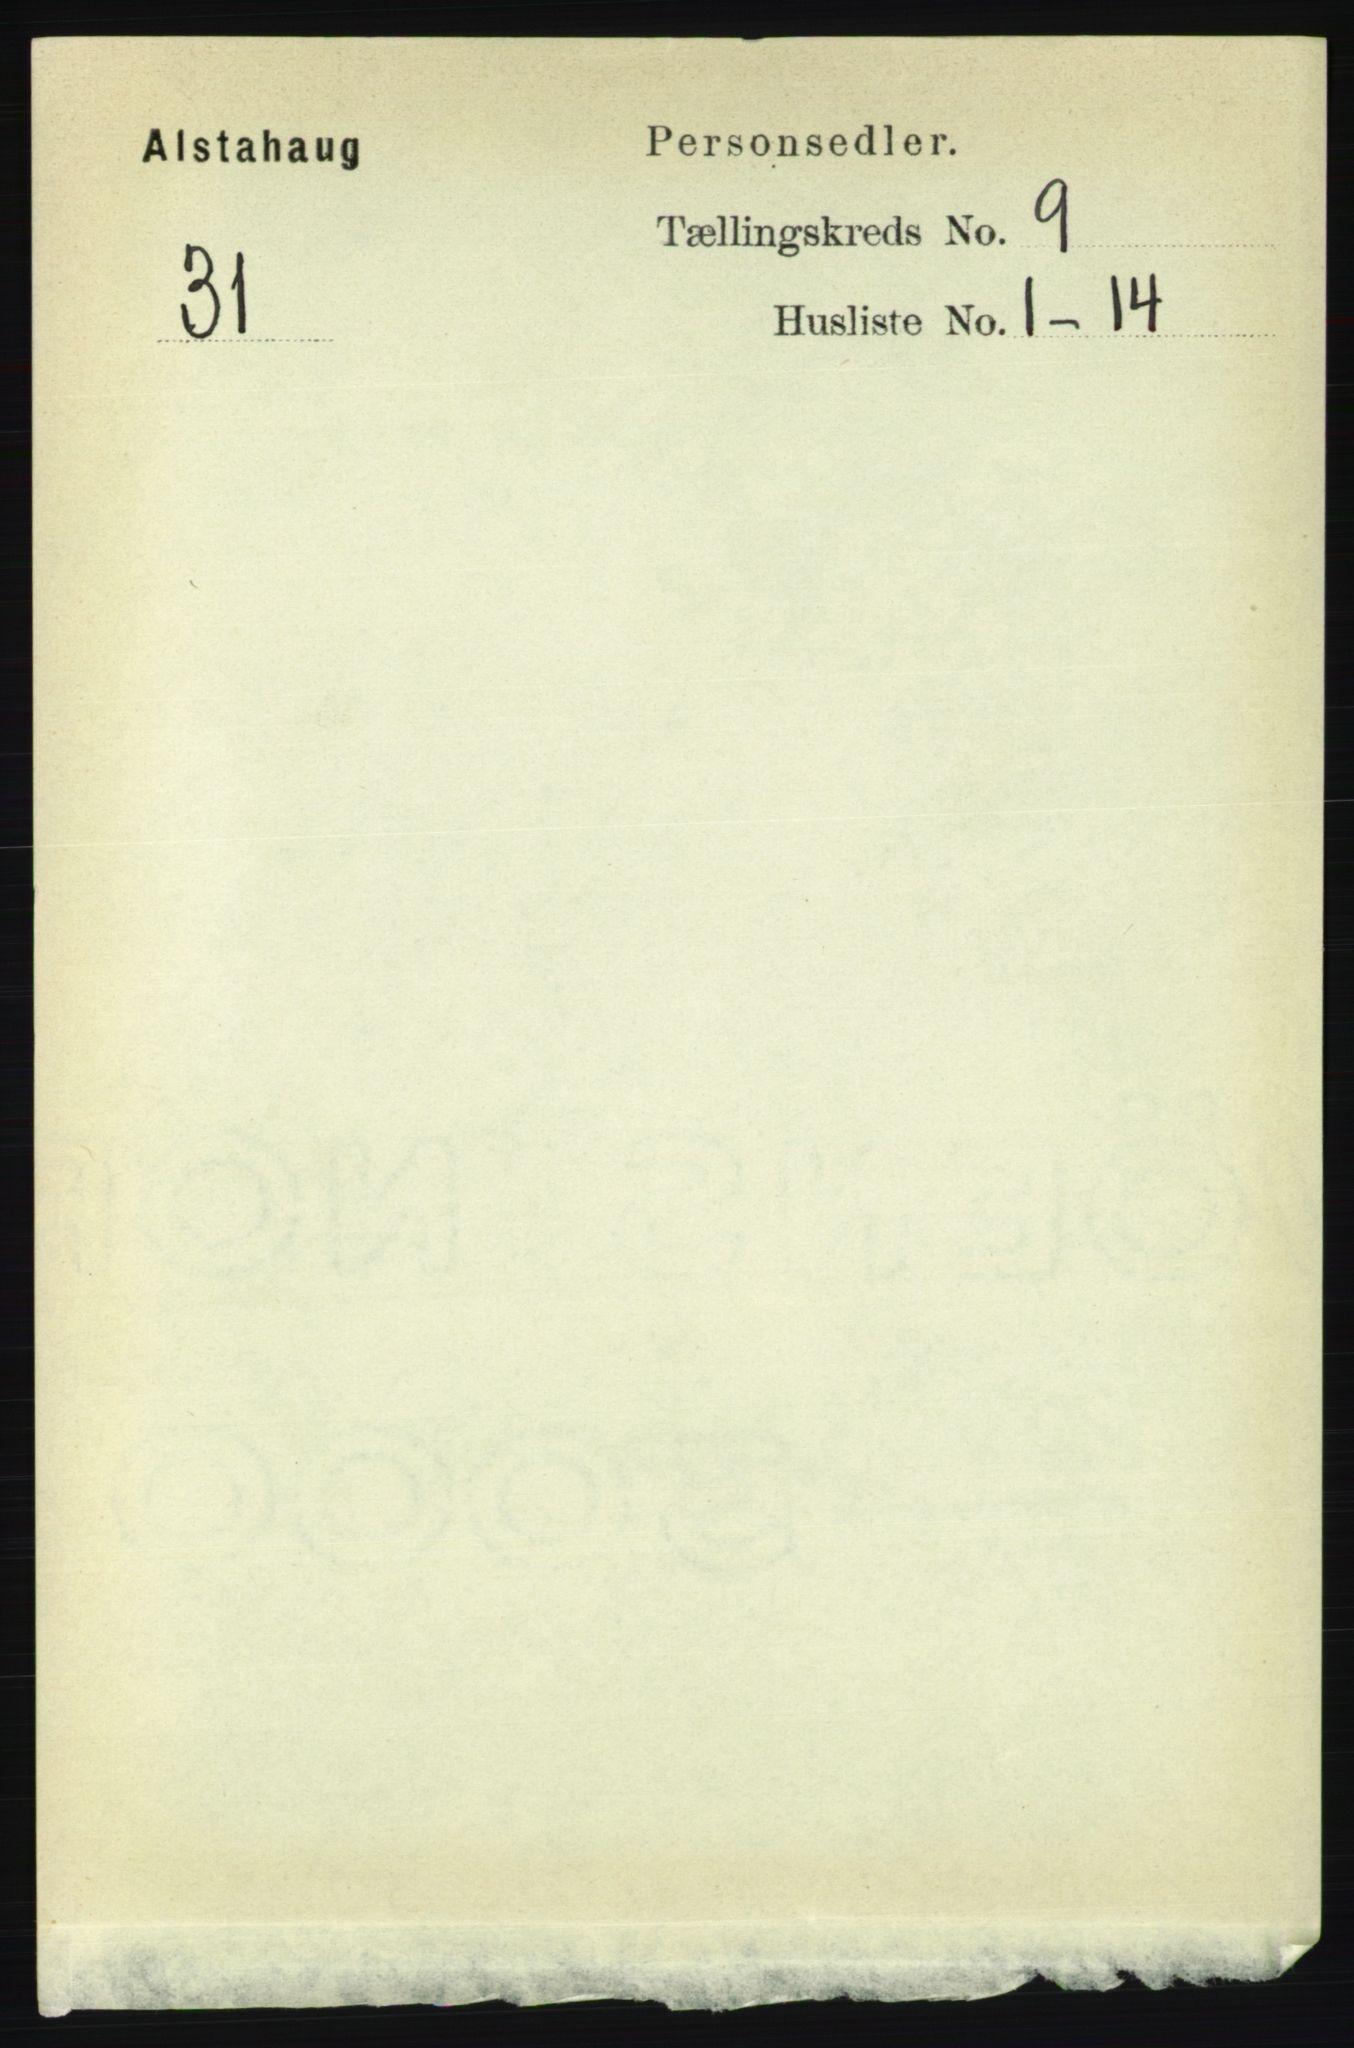 RA, Folketelling 1891 for 1820 Alstahaug herred, 1891, s. 3238